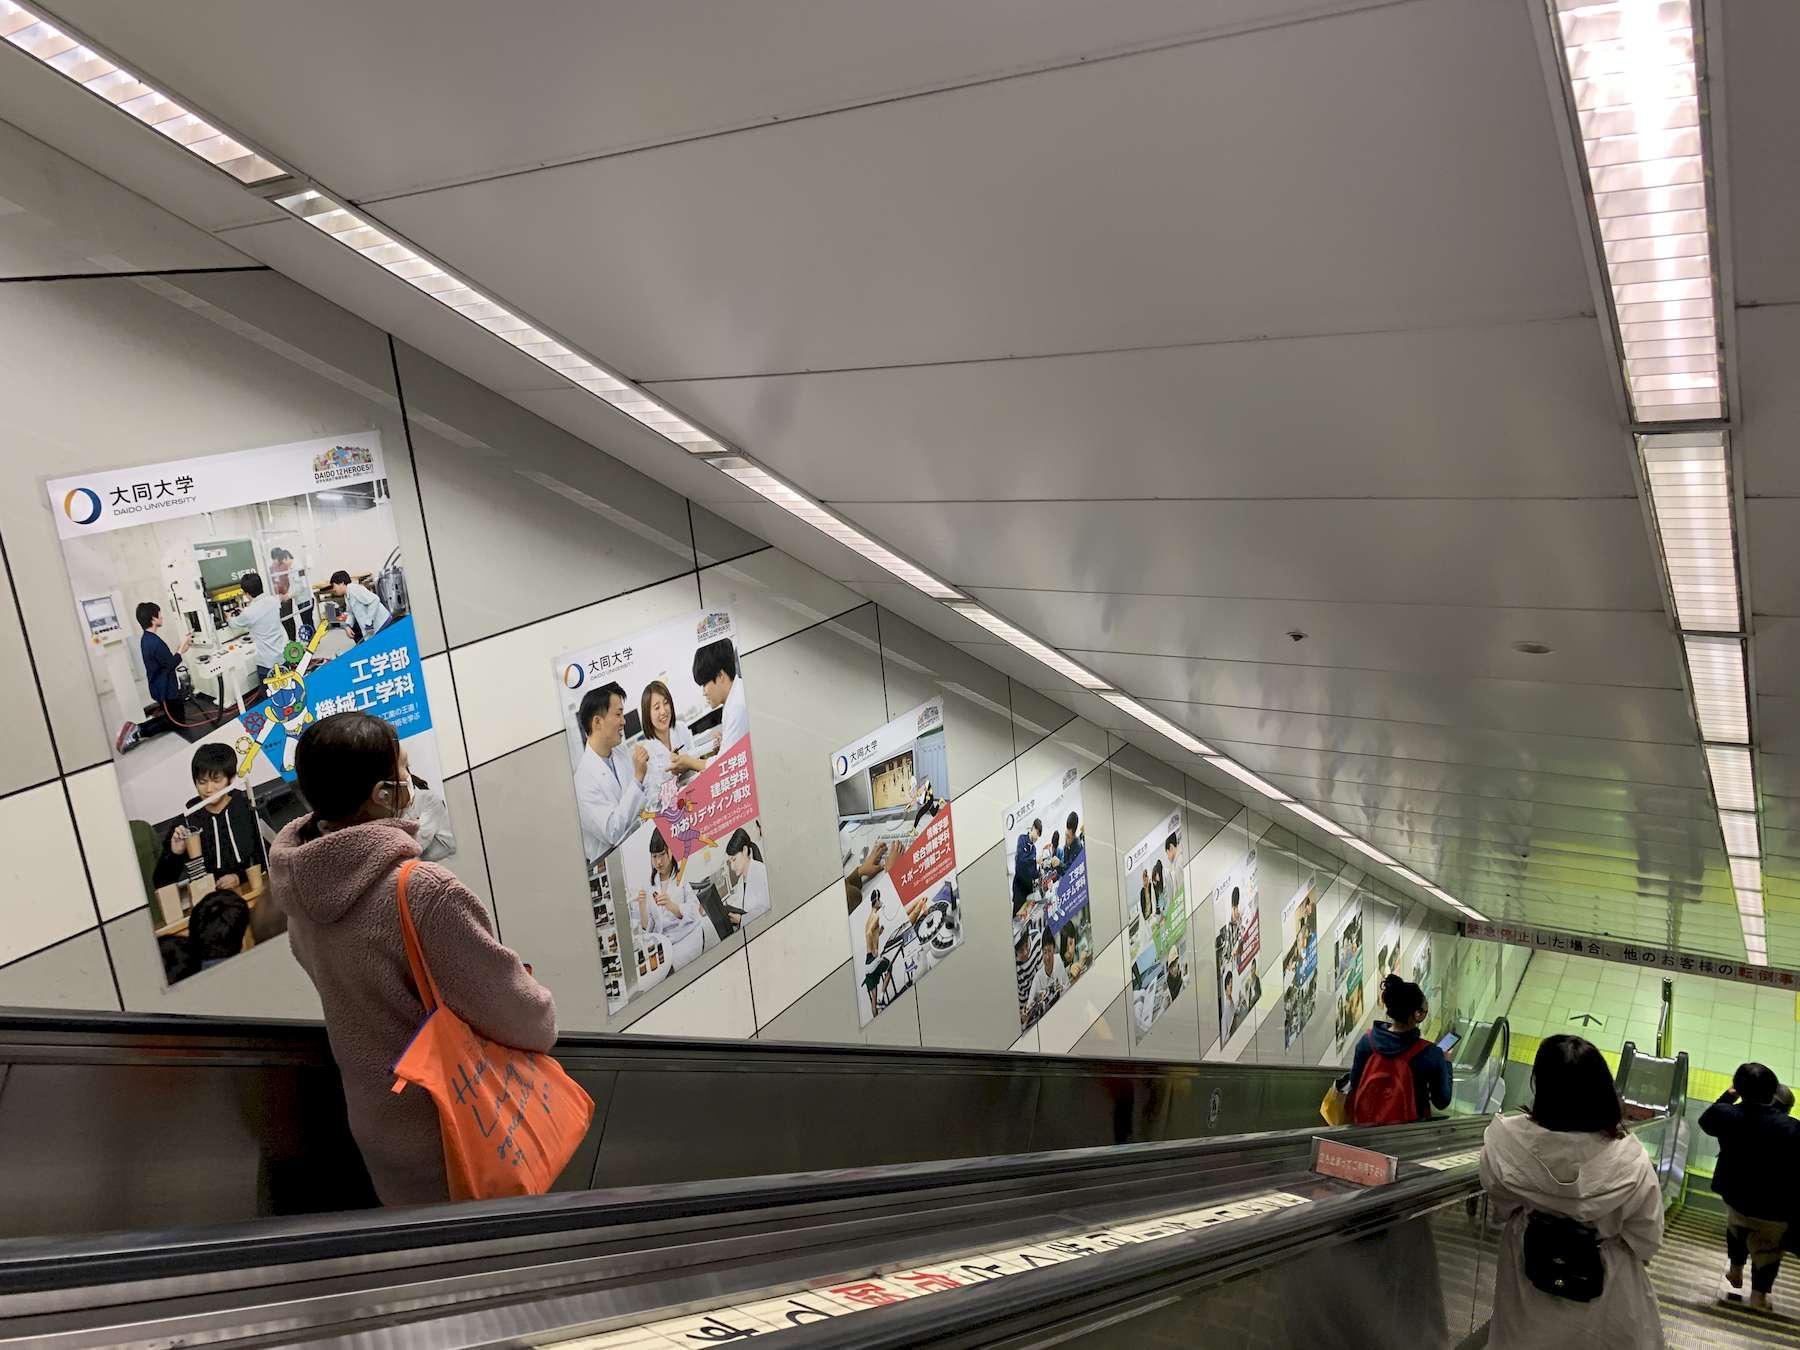 金山駅に掲出されたポスターの様子